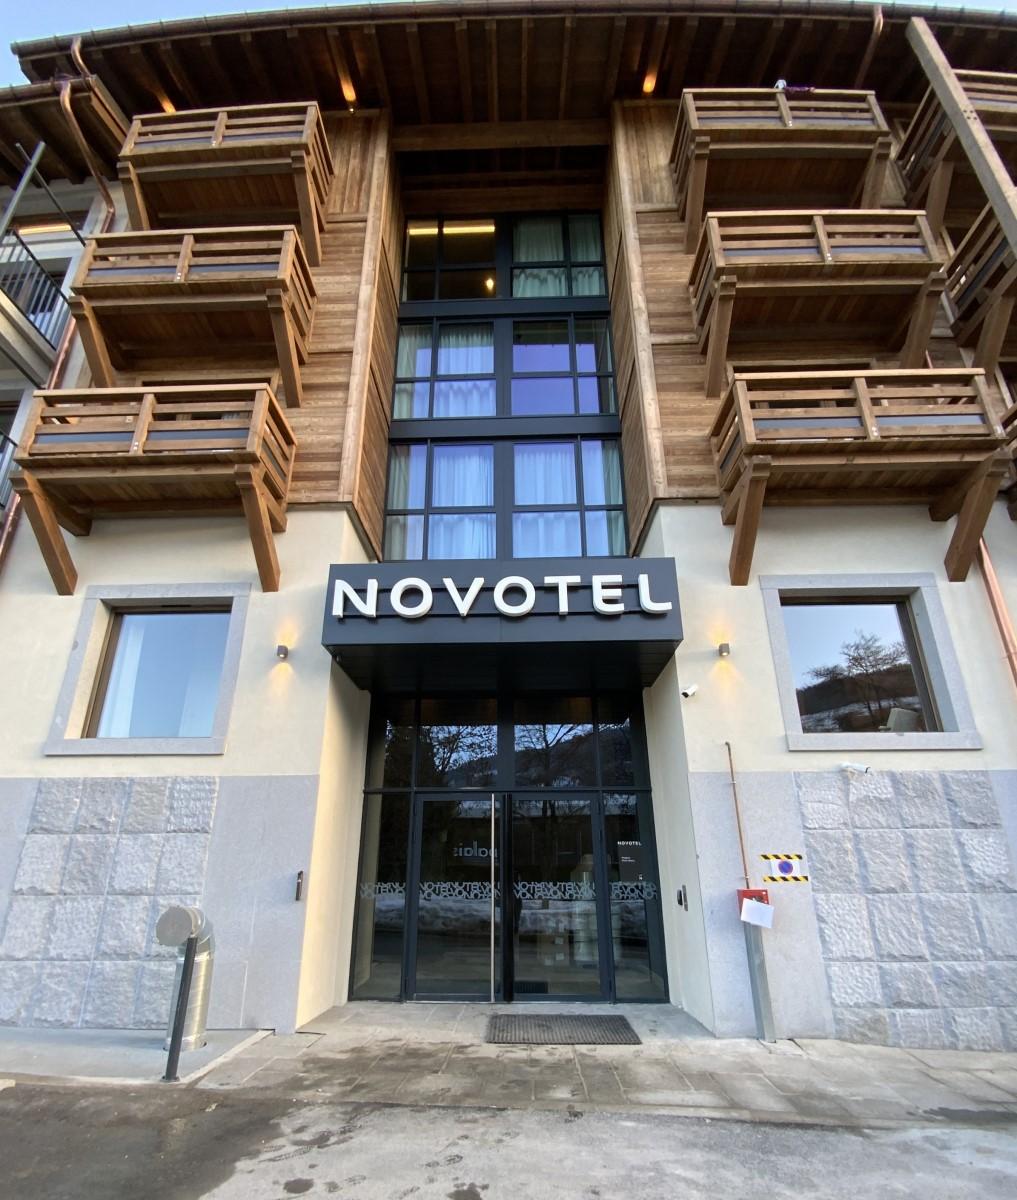 Hôtel**** Novotel Meztiva - Megève